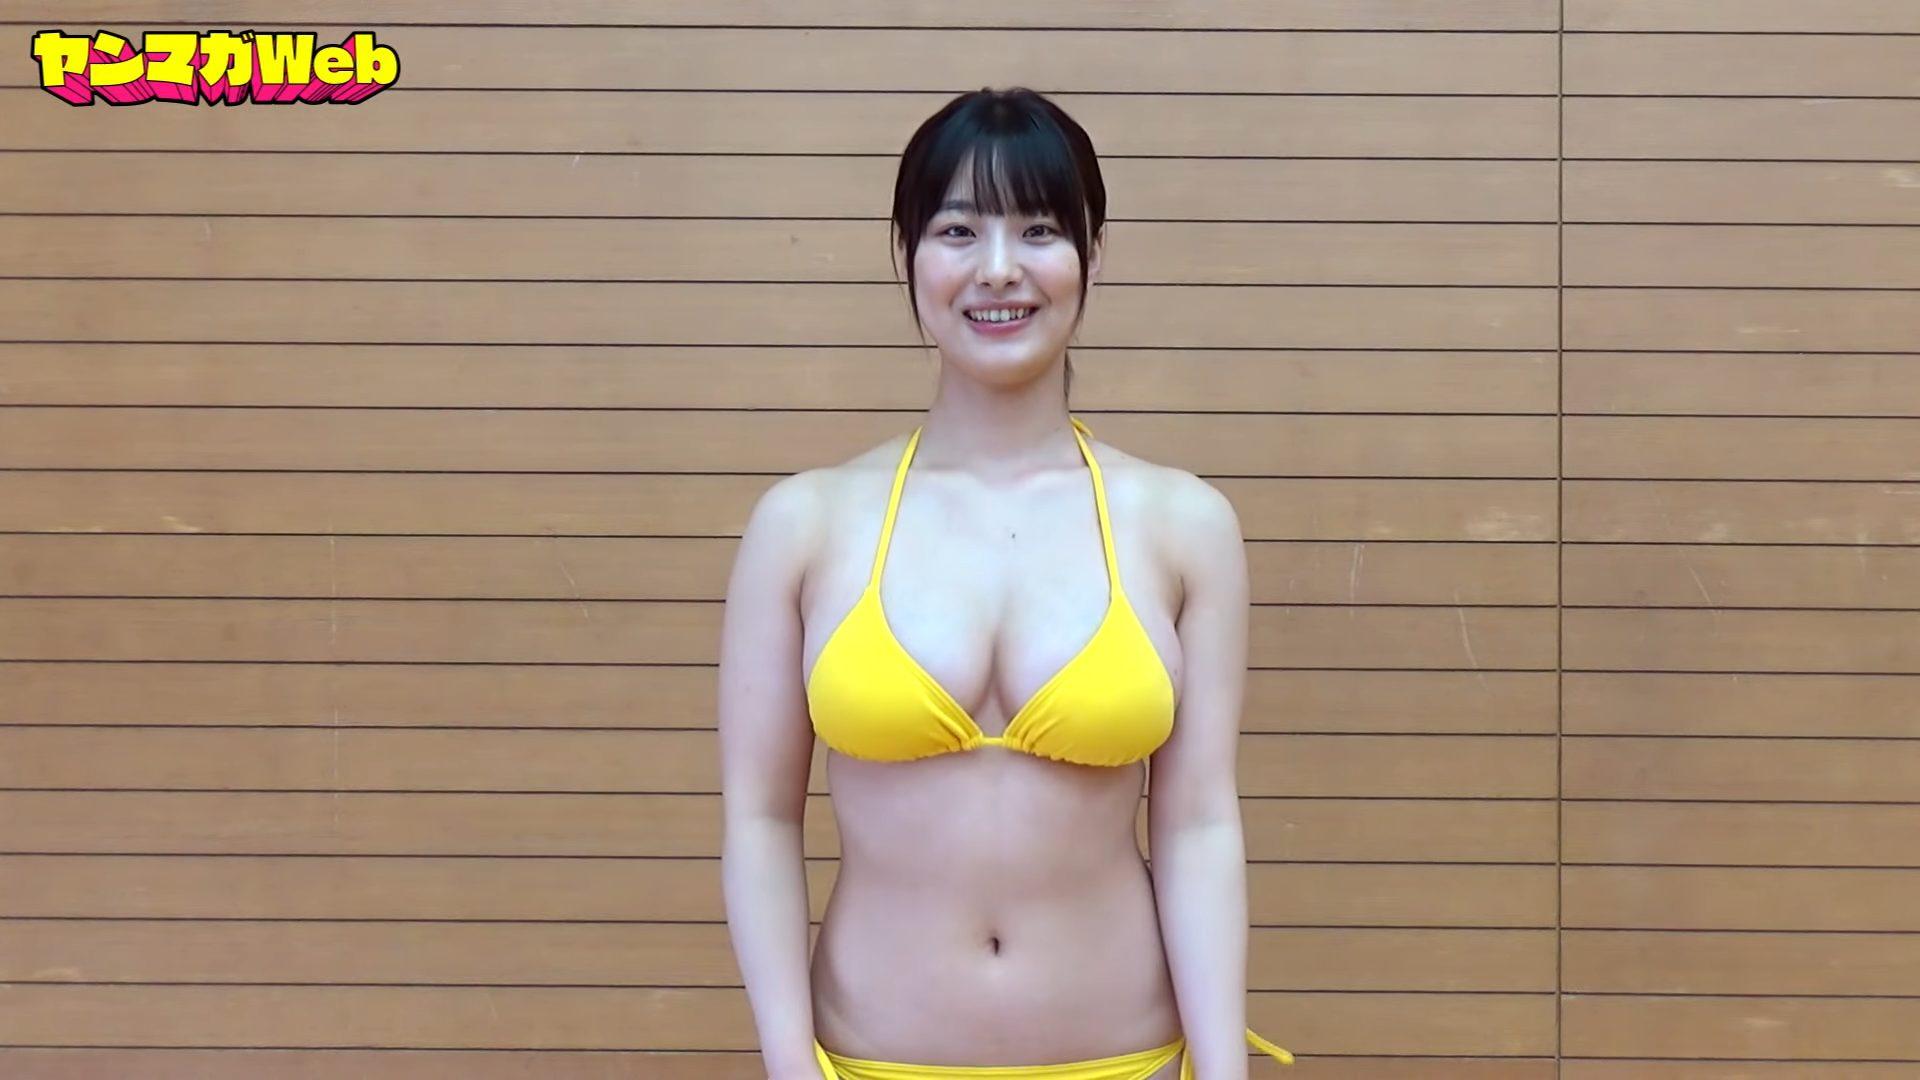 【大間乃トーコ】Hカップ3 ヤンマガWeb!水着姿で跳び箱にチャレンジ!